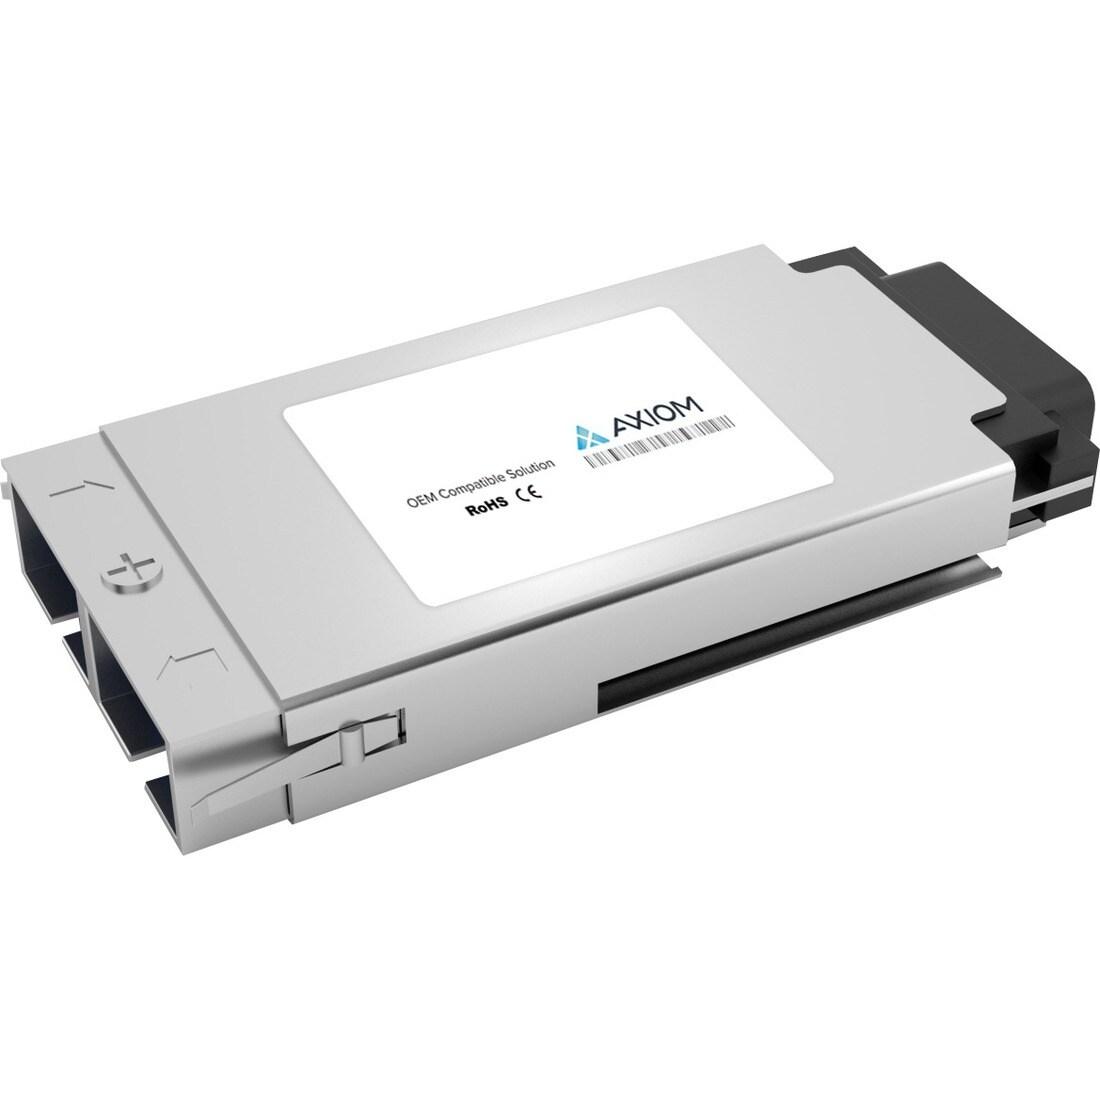 Axiom Cwdm Gbic 1470nm GE & 1G/2G FC, Gray for Cisco - Cwdm-Gbic-1470 #CWDMGBIC1470-AX